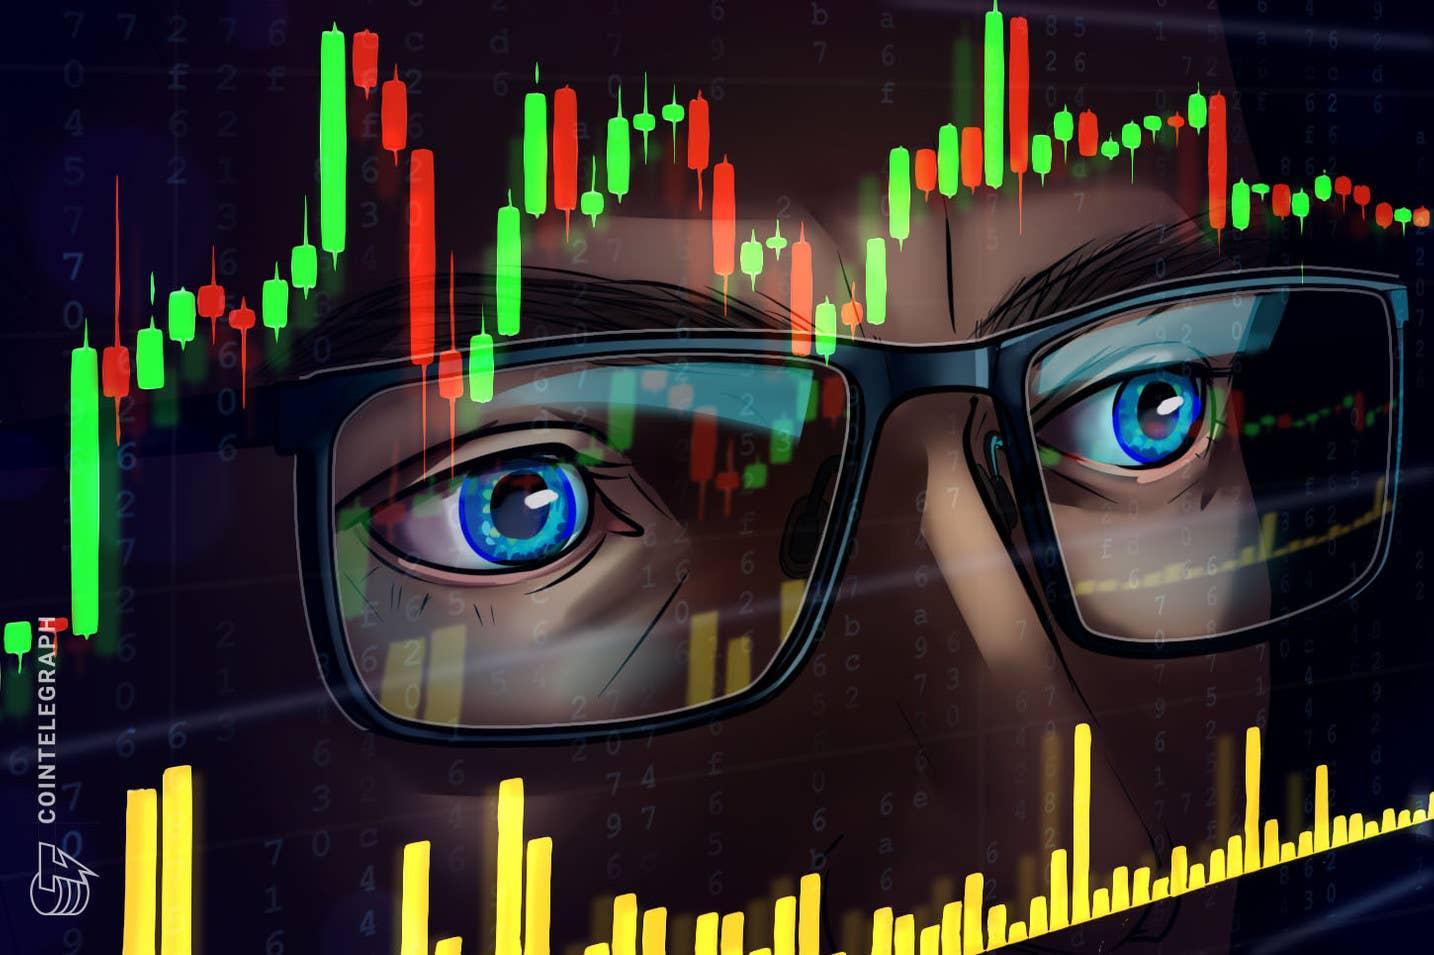 """Pagrindiniai """"Bitcoin"""" parinkčių """"baimės"""" rodikliai atspindi prekybininkų reguliavimo problemas"""